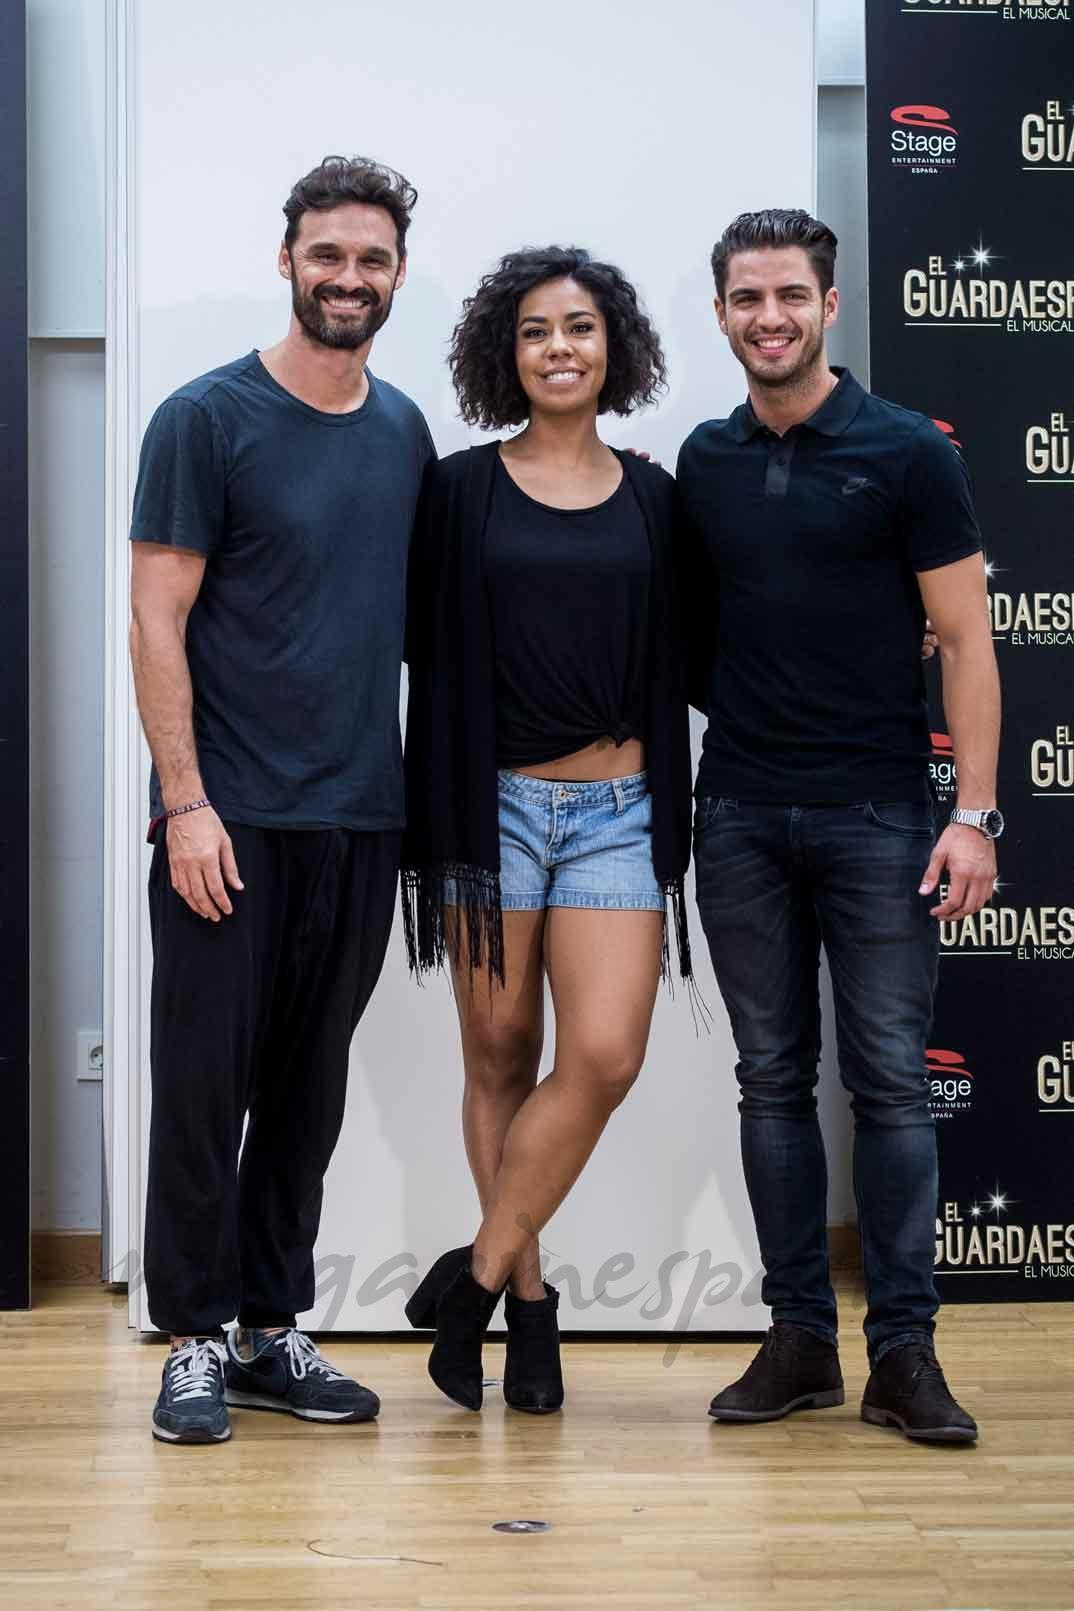 ¿Cuánto mide Maxi Iglesias? - Altura Ivan-Sanchez-Fela-Dominguez-y-Maxi-Iglesias-1